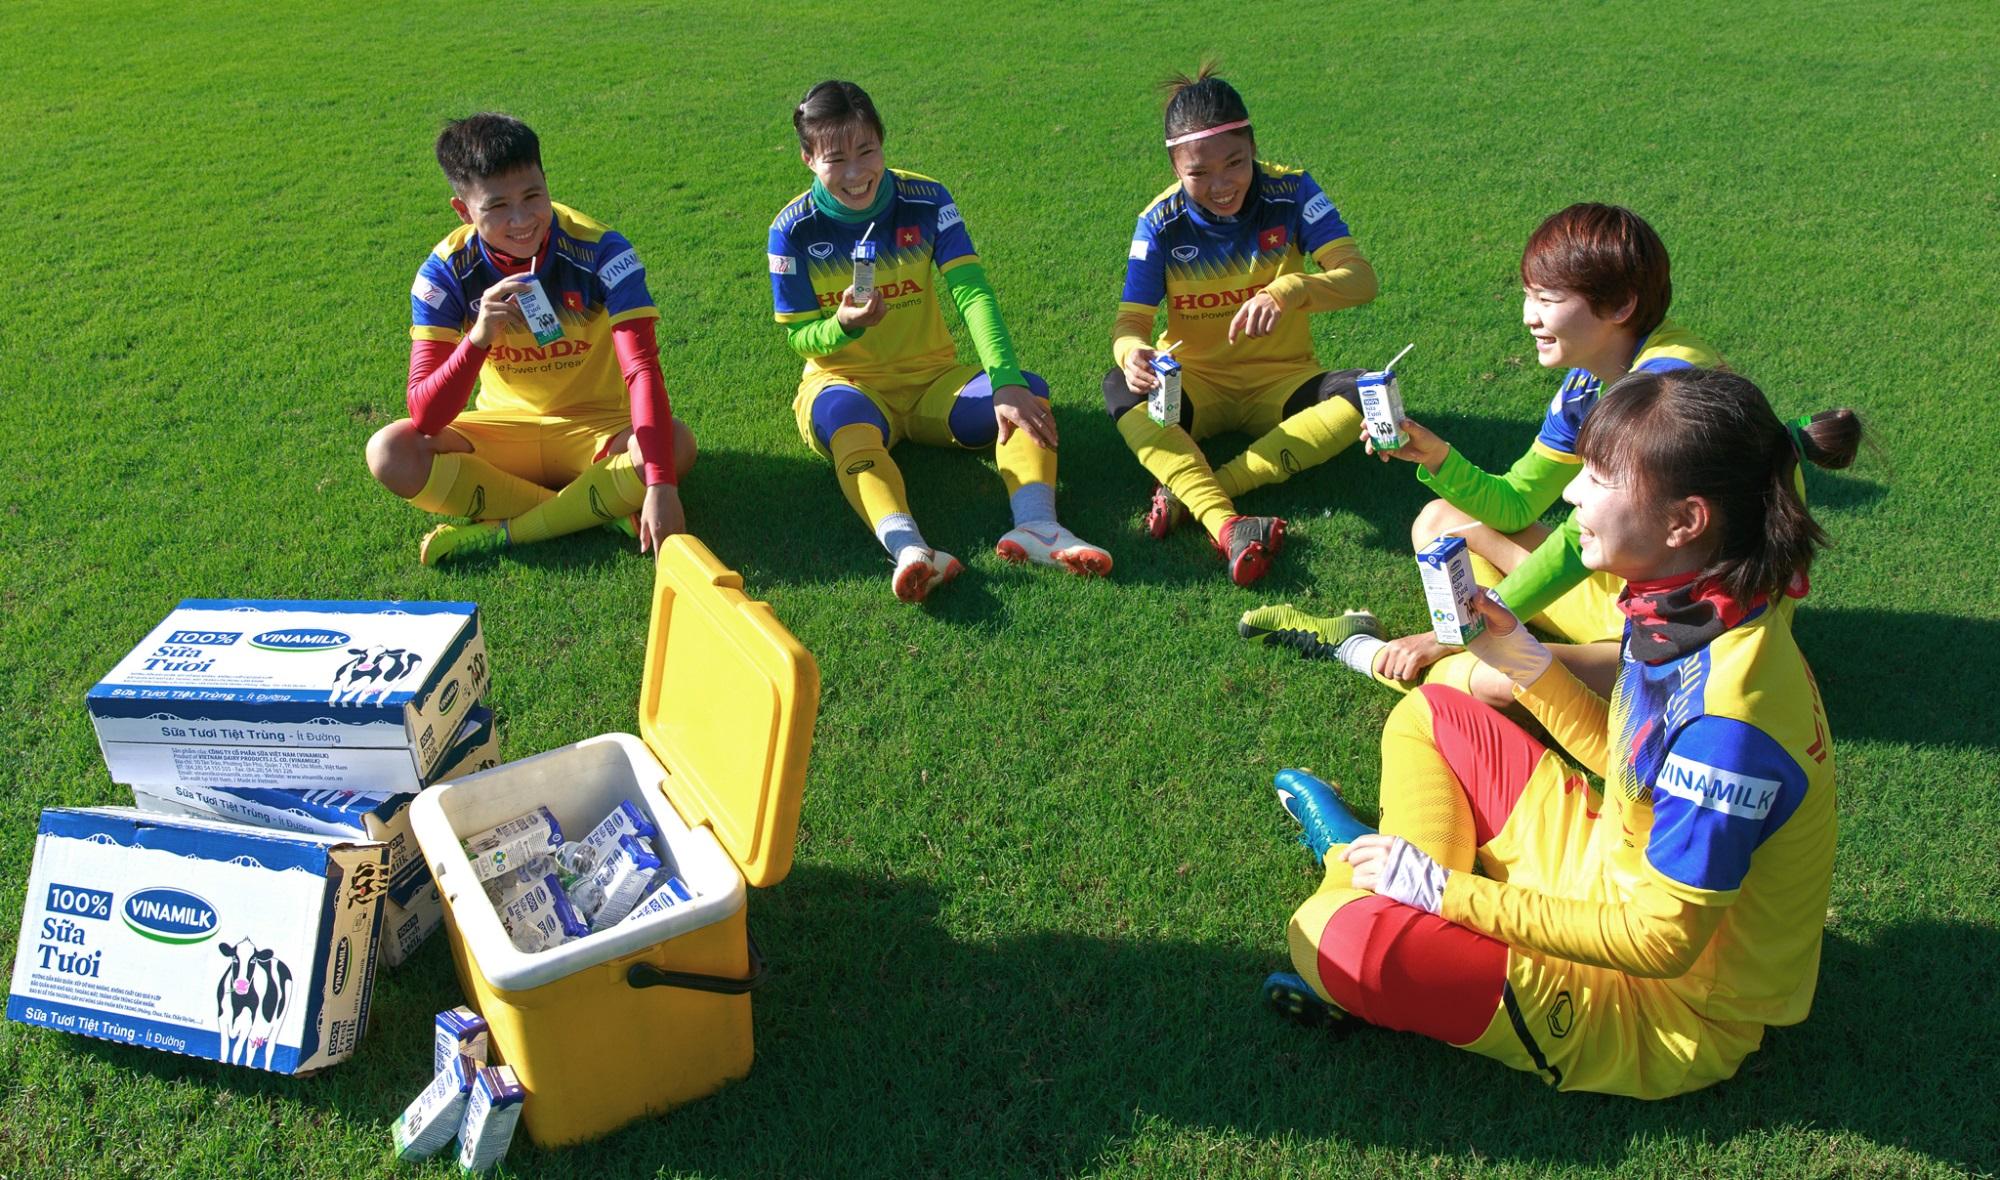 Vinamilk trao thưởng chúc mừng đội tuyển bóng đá nữ quốc gia vô địch Đông Nam Á 2019 - Ảnh 8